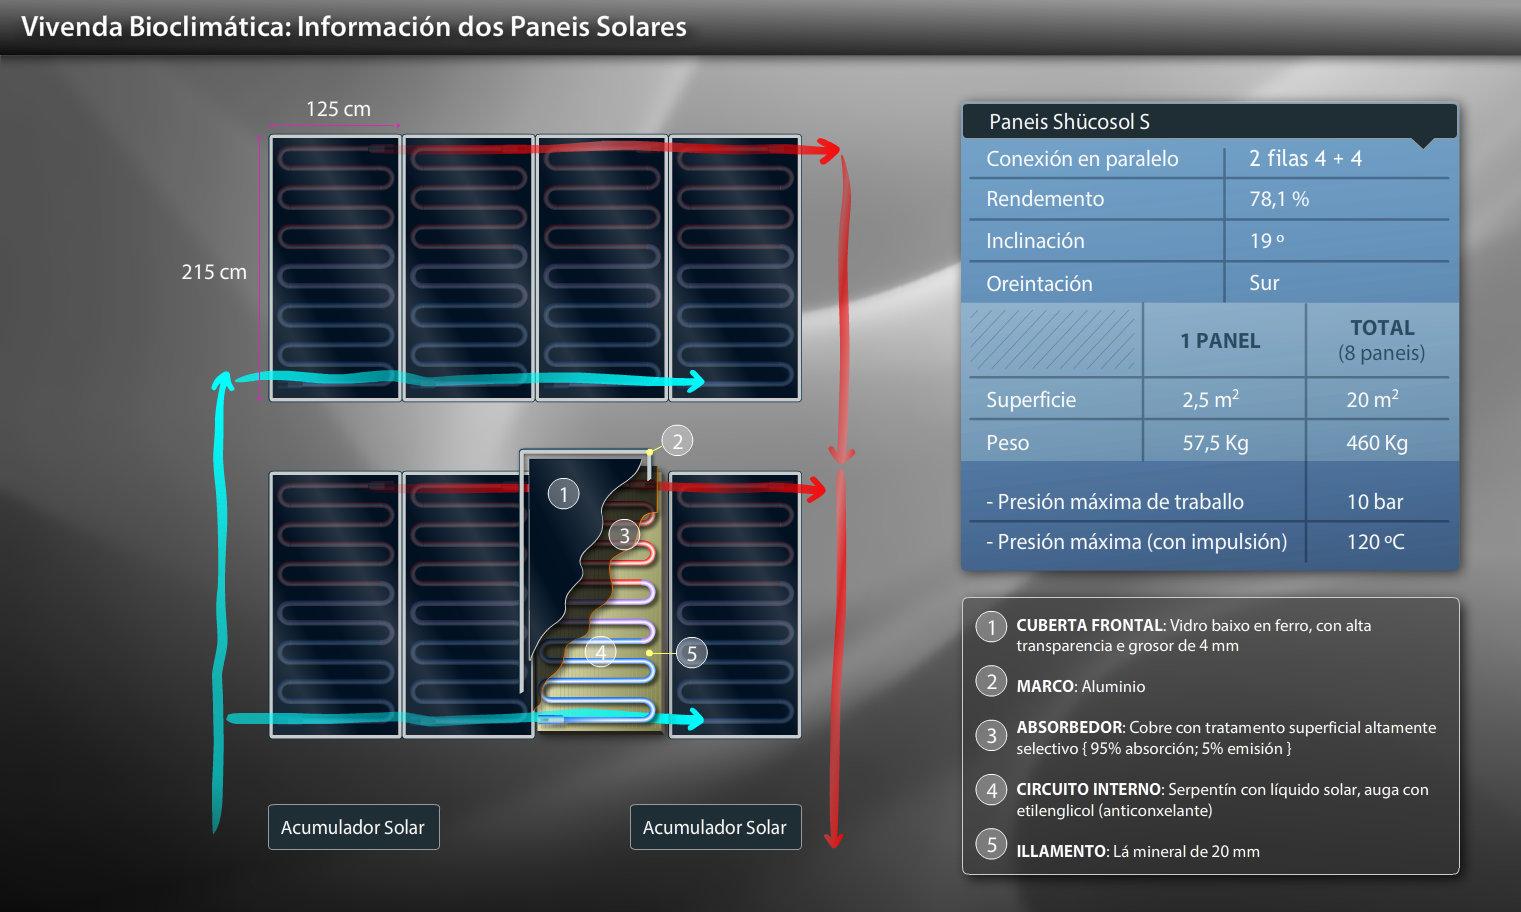 Paneles solares térmicos de la vivienda bioclimática